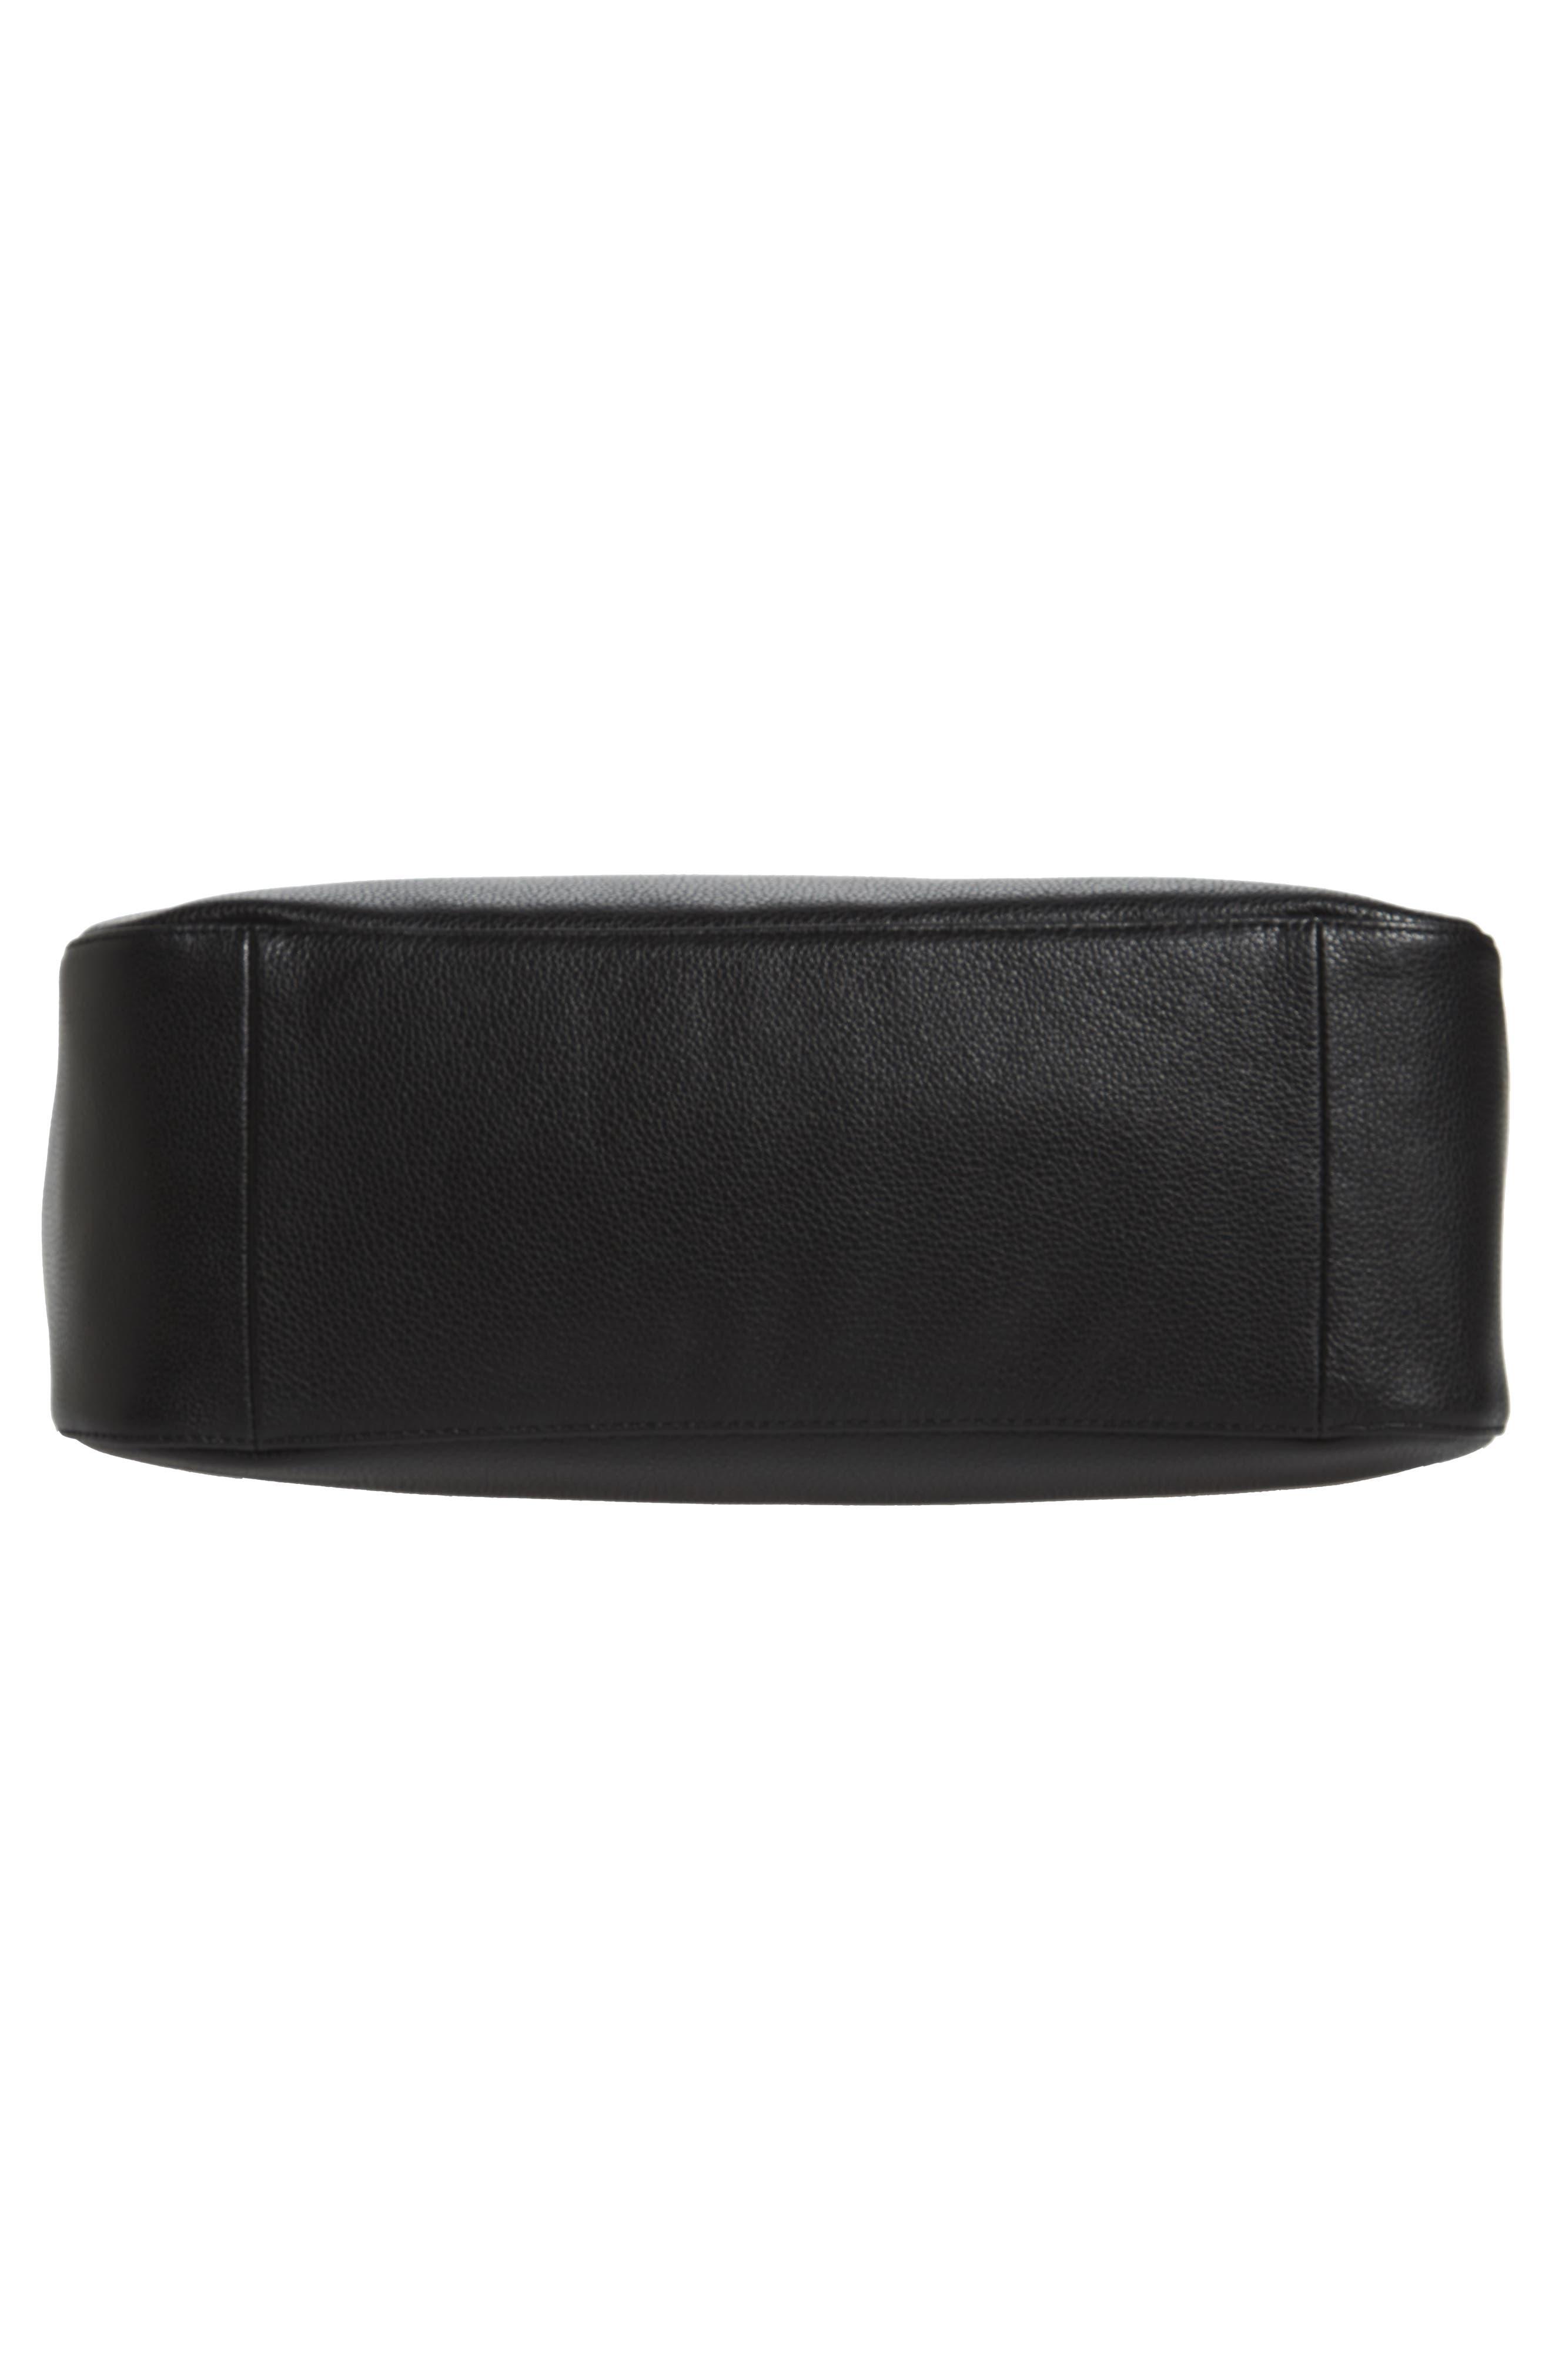 Le Foulonné Leather Tote,                             Alternate thumbnail 6, color,                             BLACK